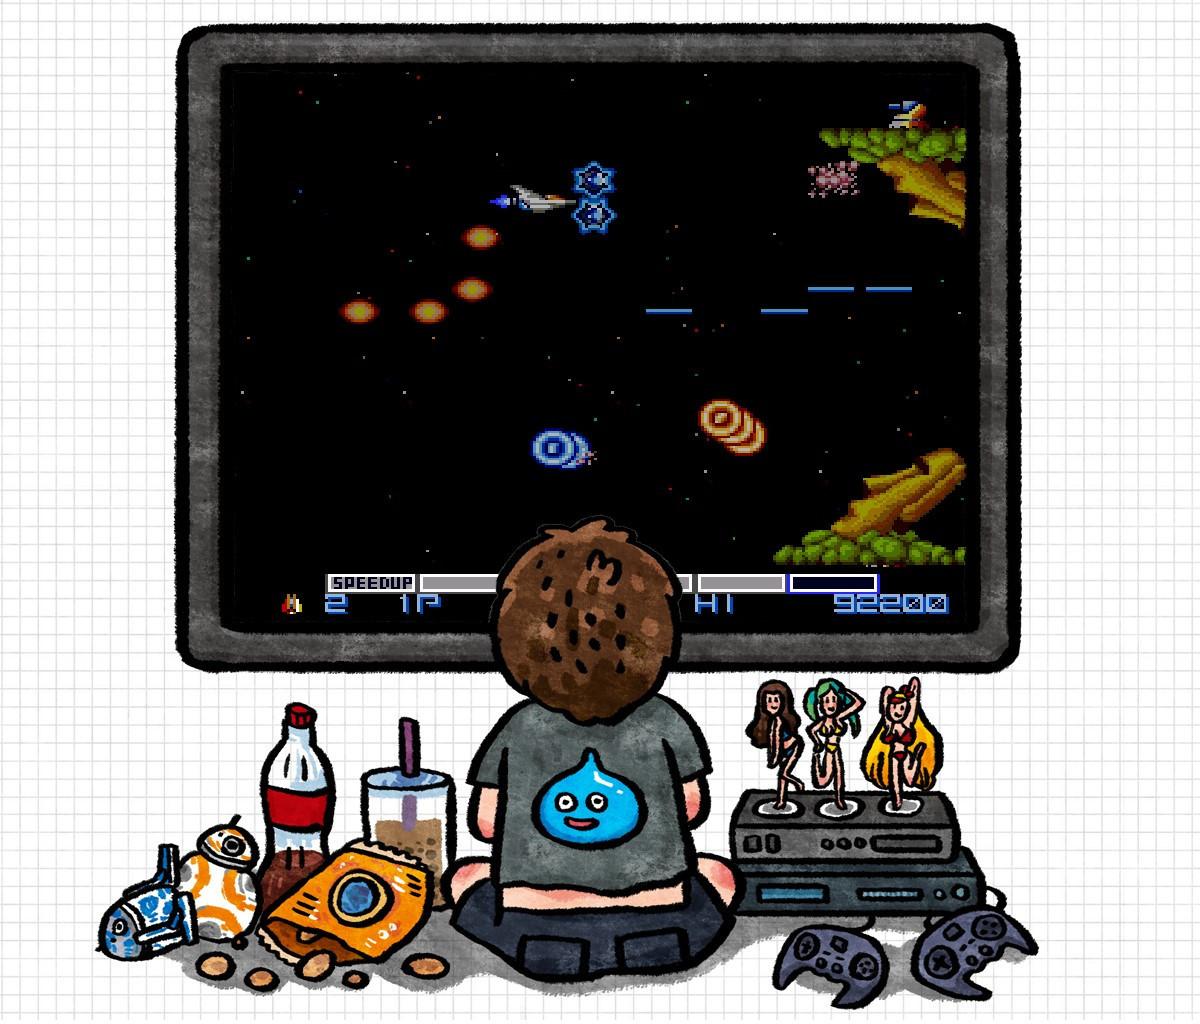 是[巷口遊戲攤]宇宙巡航艦:上上下下左右左右BA這篇文章的首圖